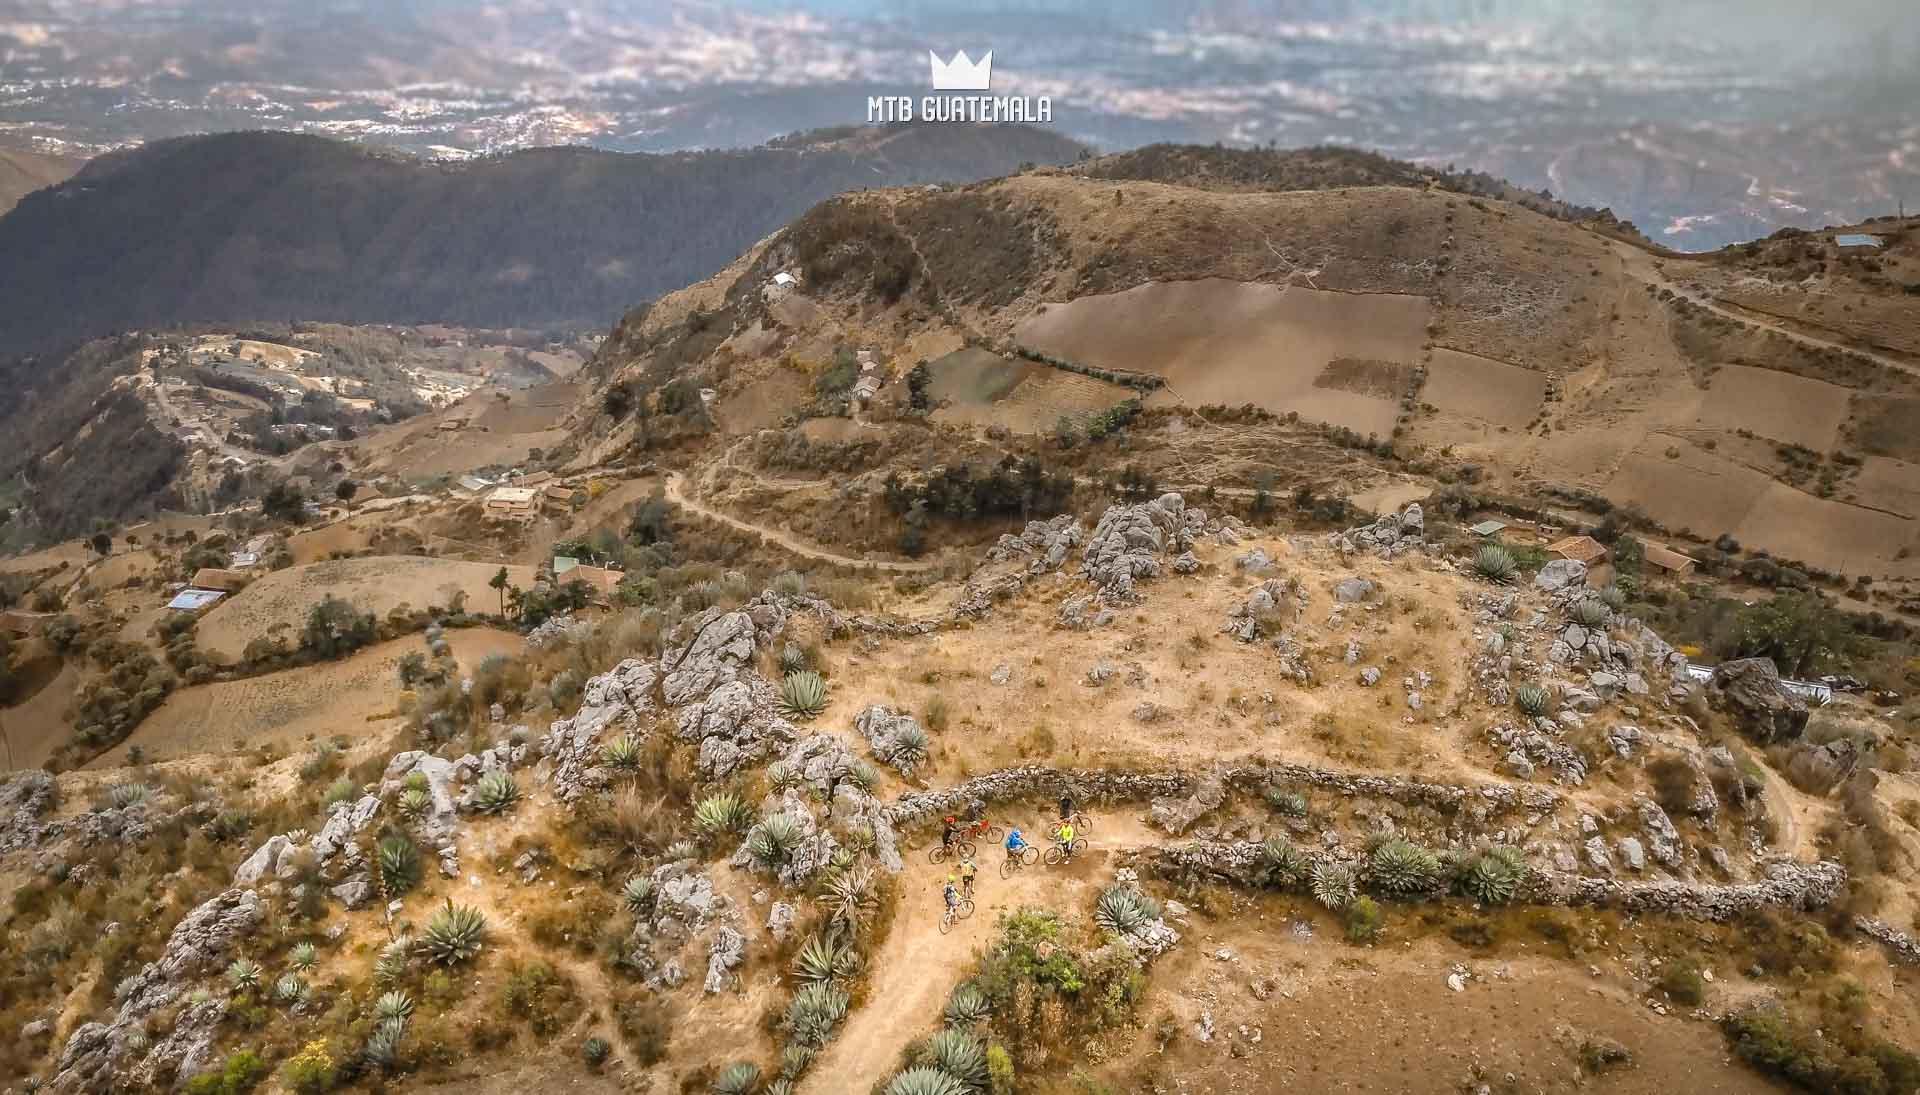 Ciclismo de montaña en las montañas de Cuchumatánes Los Cuchumatánes Huehuetenango, Guatemala